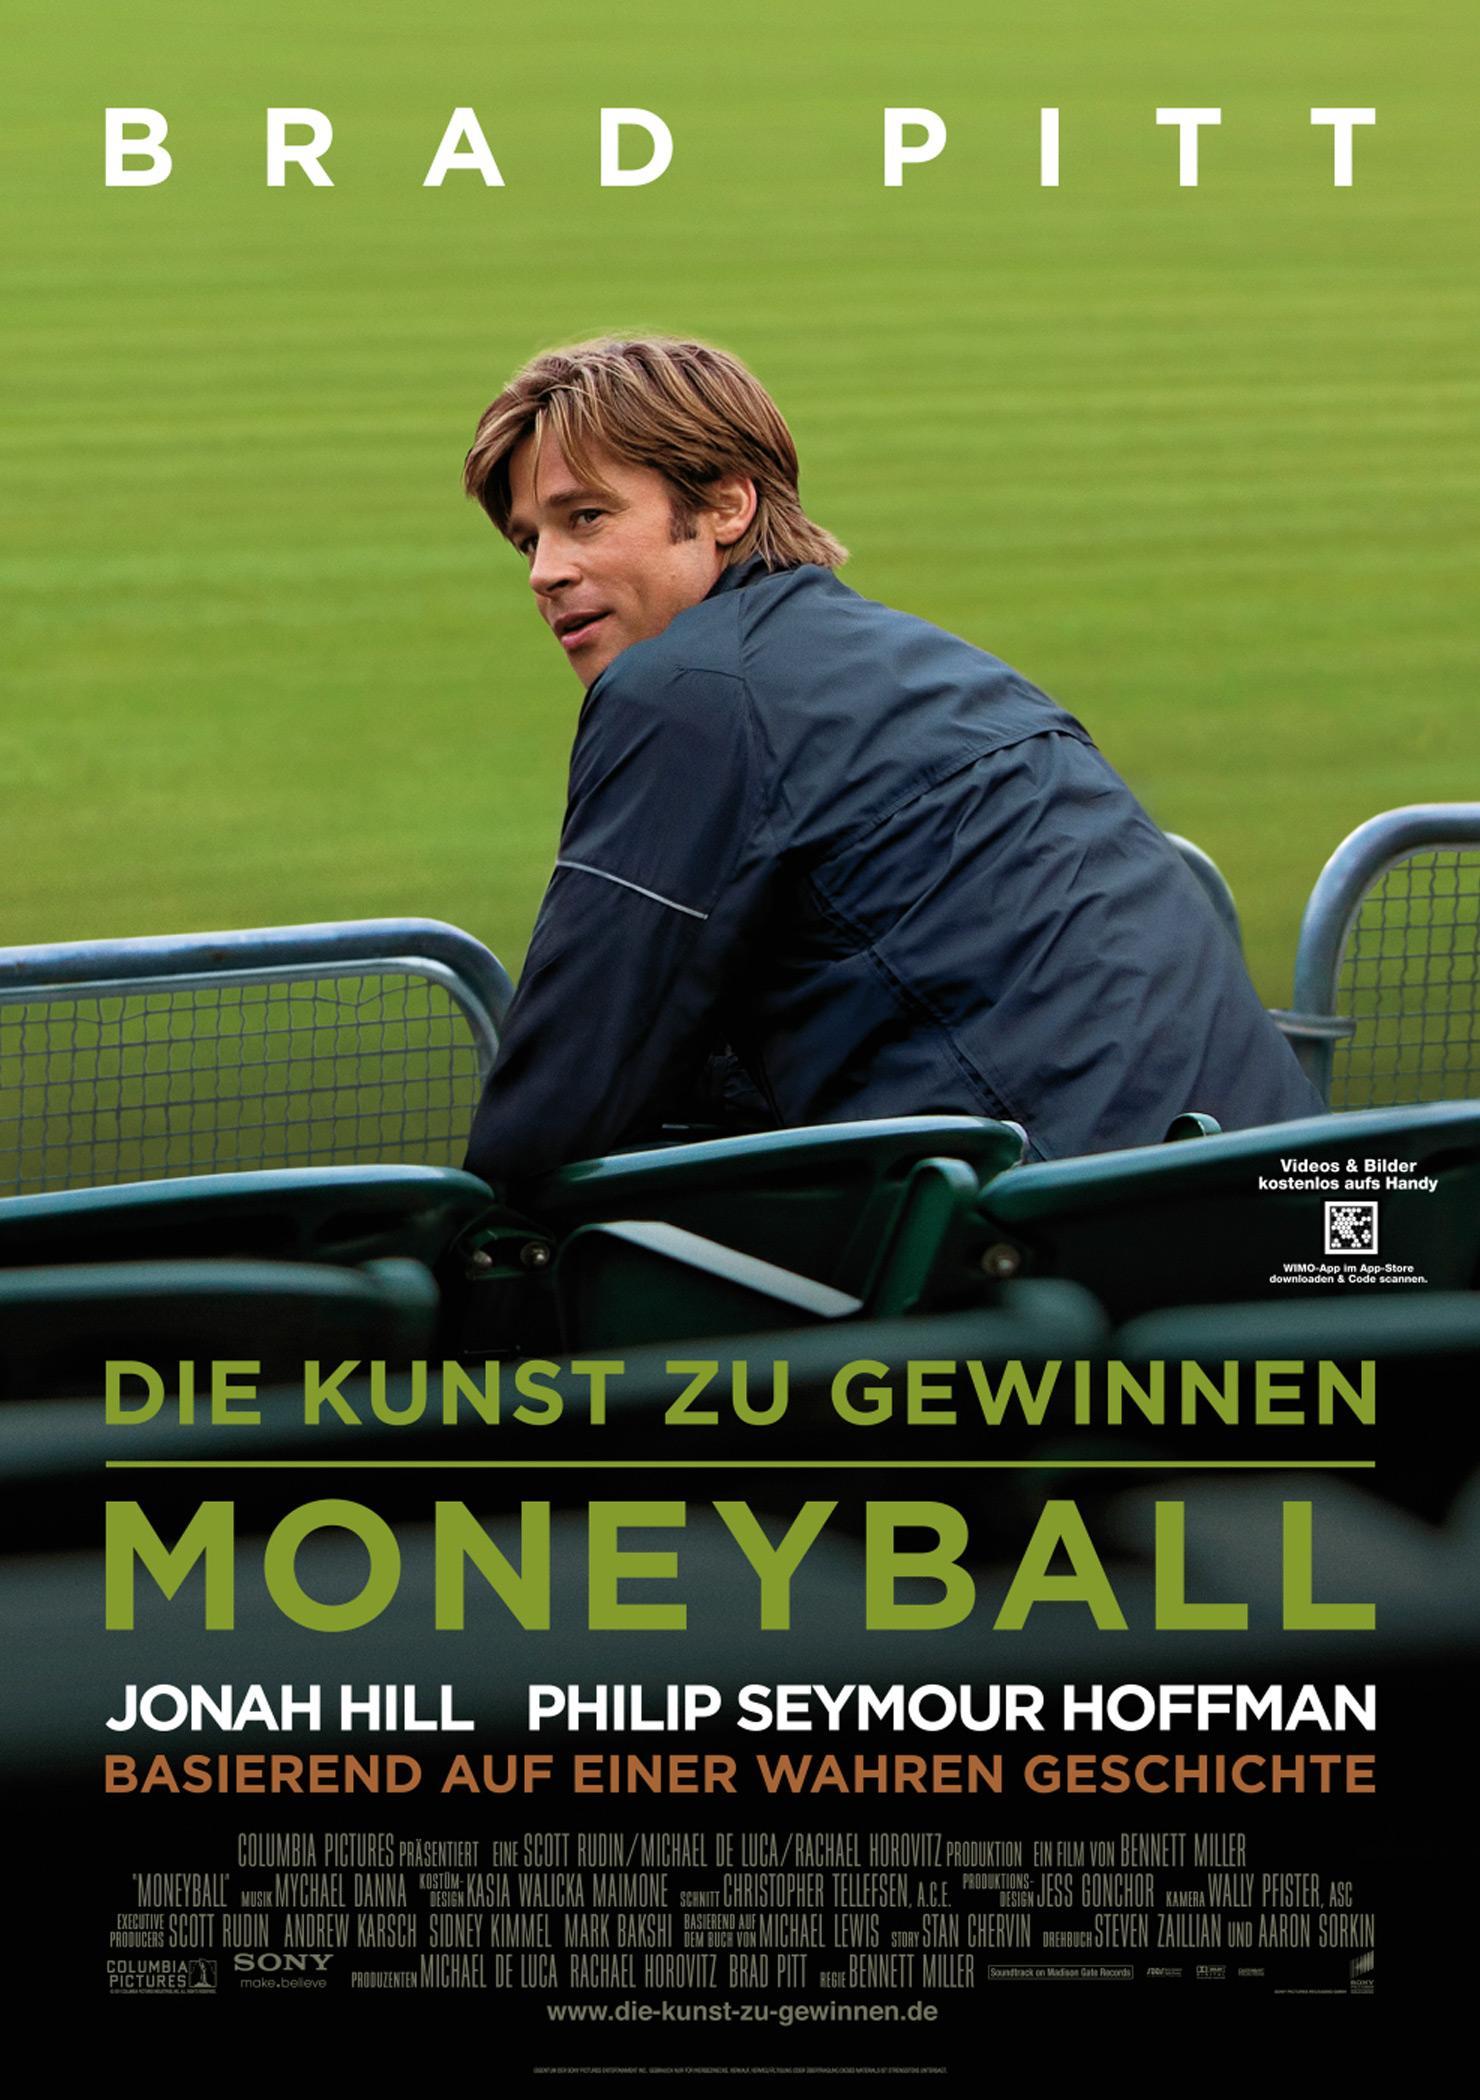 Die Kunst zu gewinnen - Moneyball (Poster)